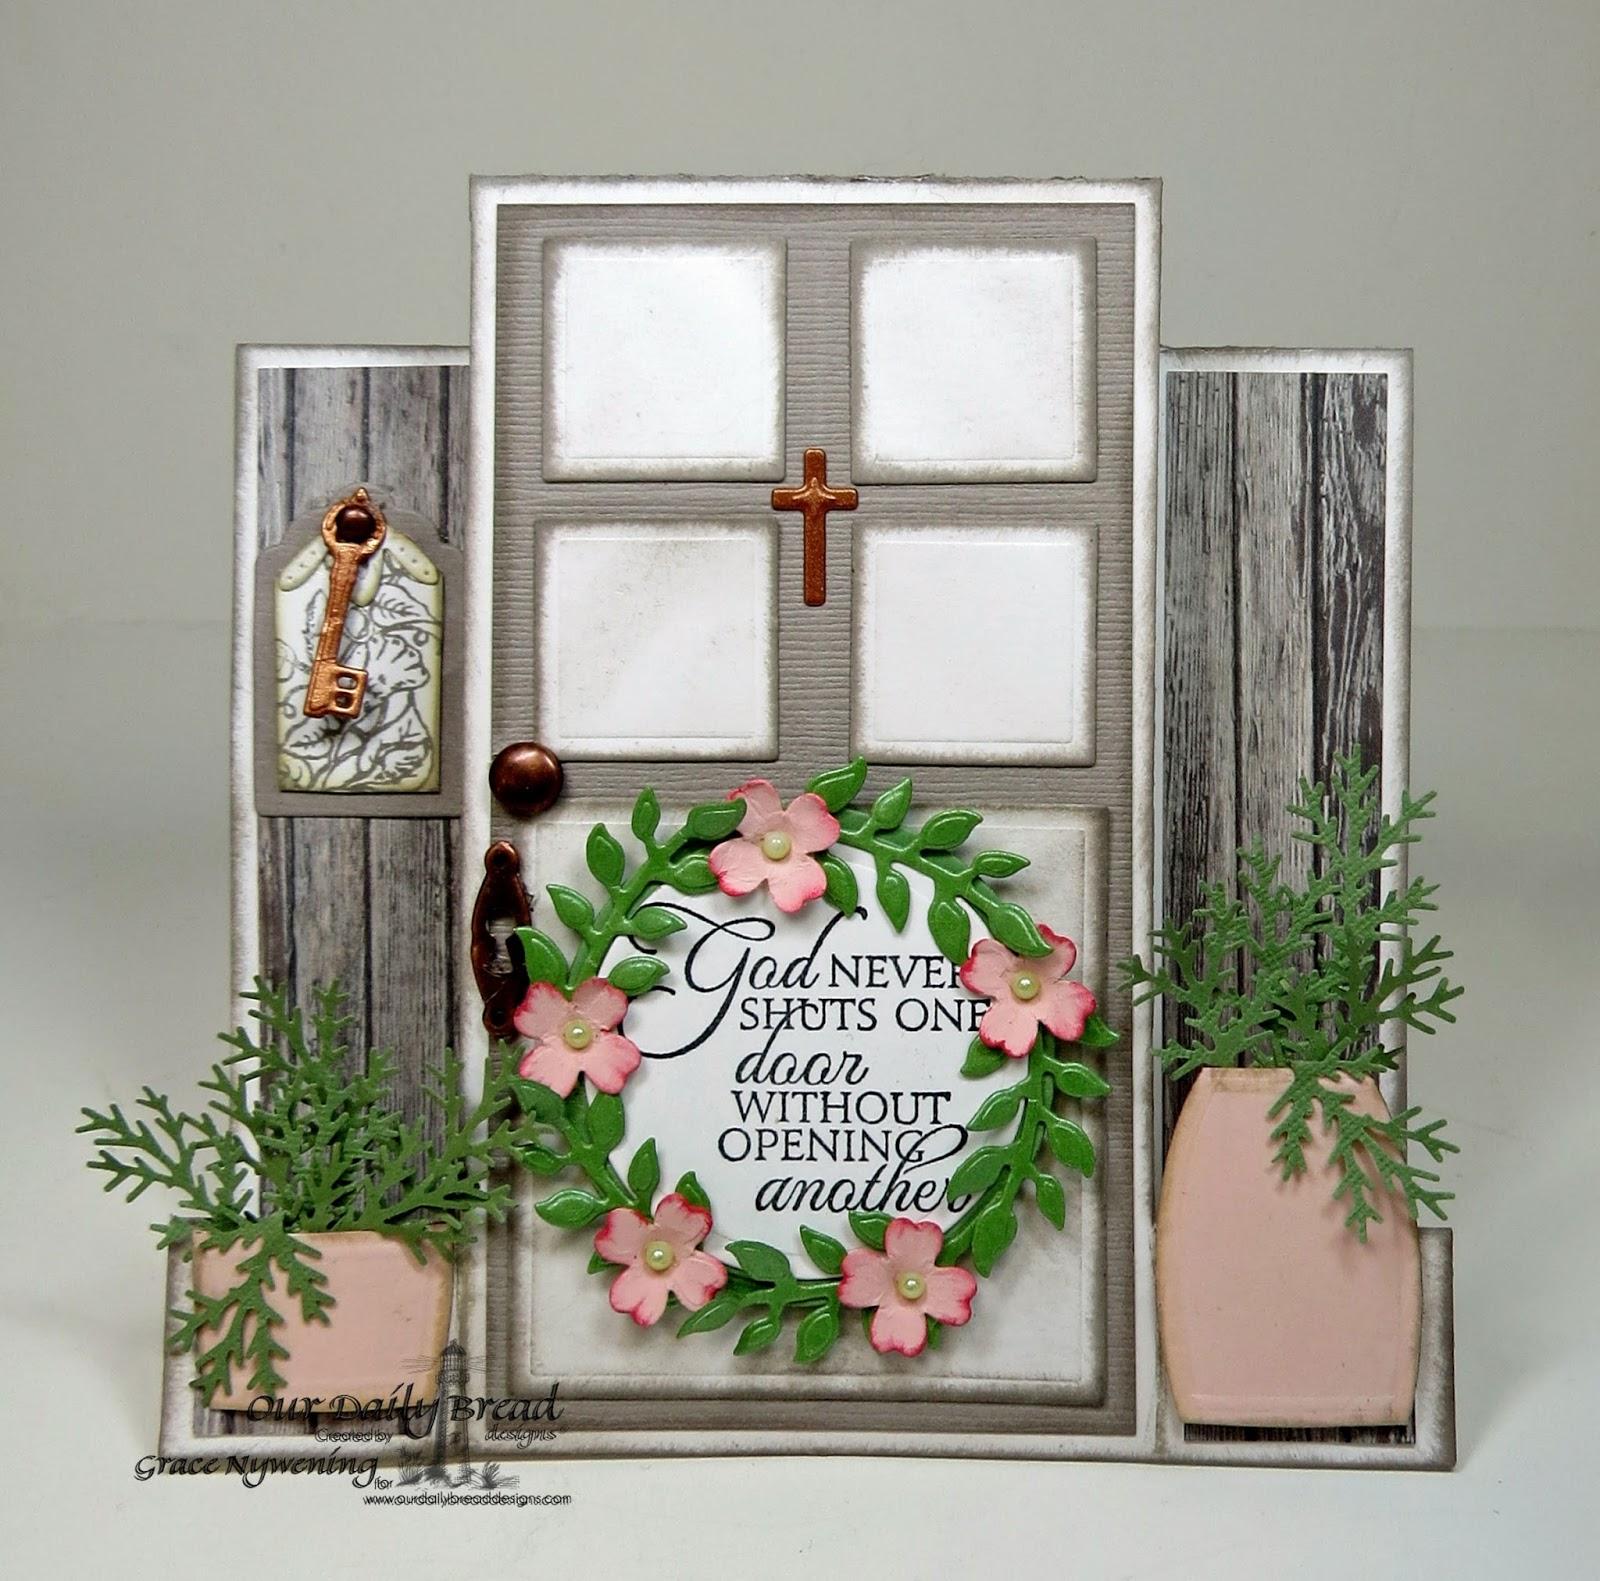 Stamps - Our daily Bread Designs Key to Heaven, Glory, ODBD Custom Ornamental Crosses Die, ODBD Custom Fancy Foliage Die, ODBD Custom Angel Wings Die